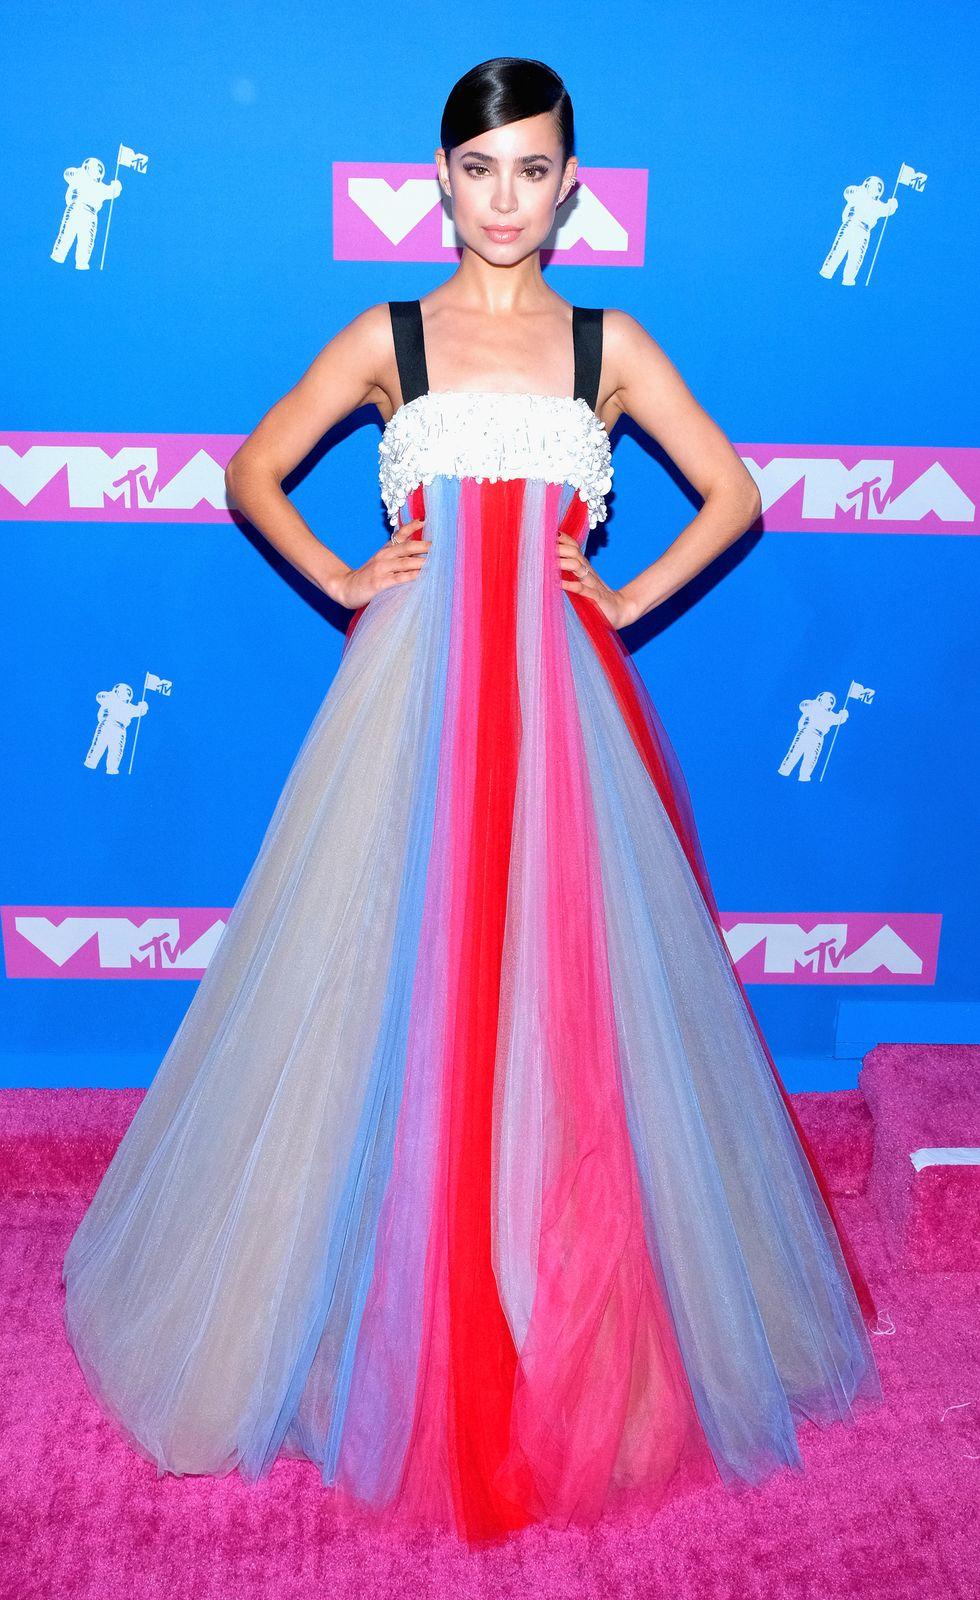 Sofia Carson VMA - Neomag.